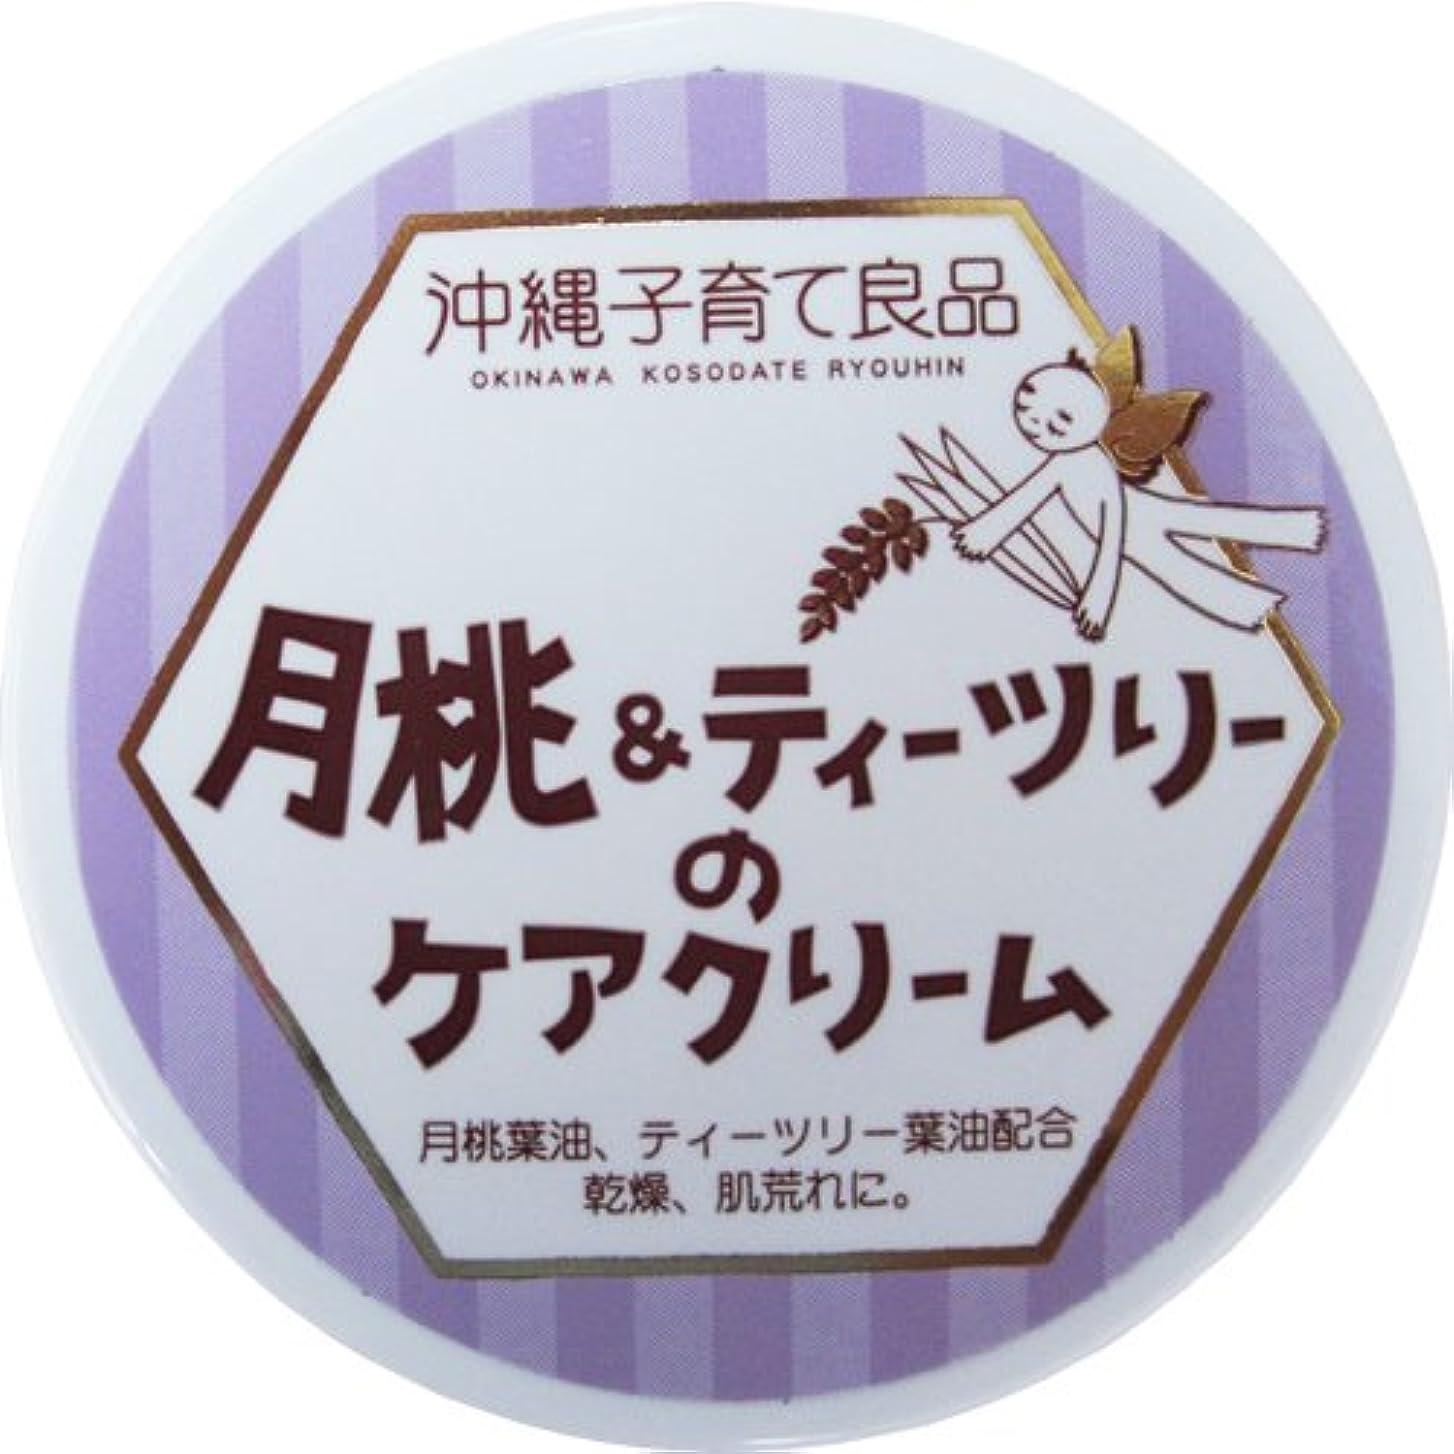 観客侵略娘沖縄子育て良品 月桃&ティツリーのケアクリーム (25g)